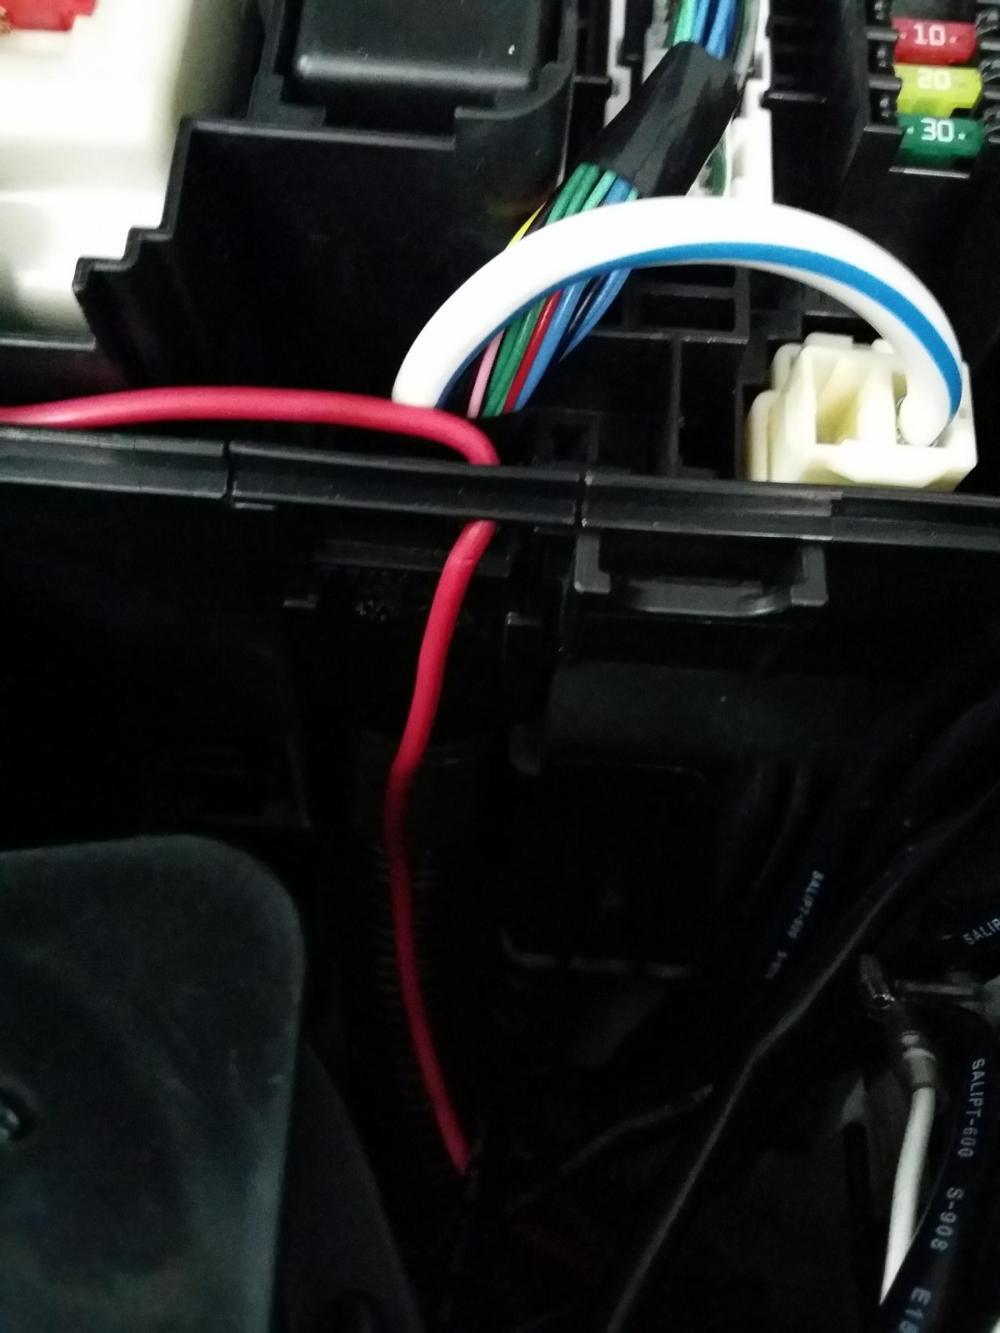 medium resolution of  headlight wiring diagram 20131025 134539 jpg